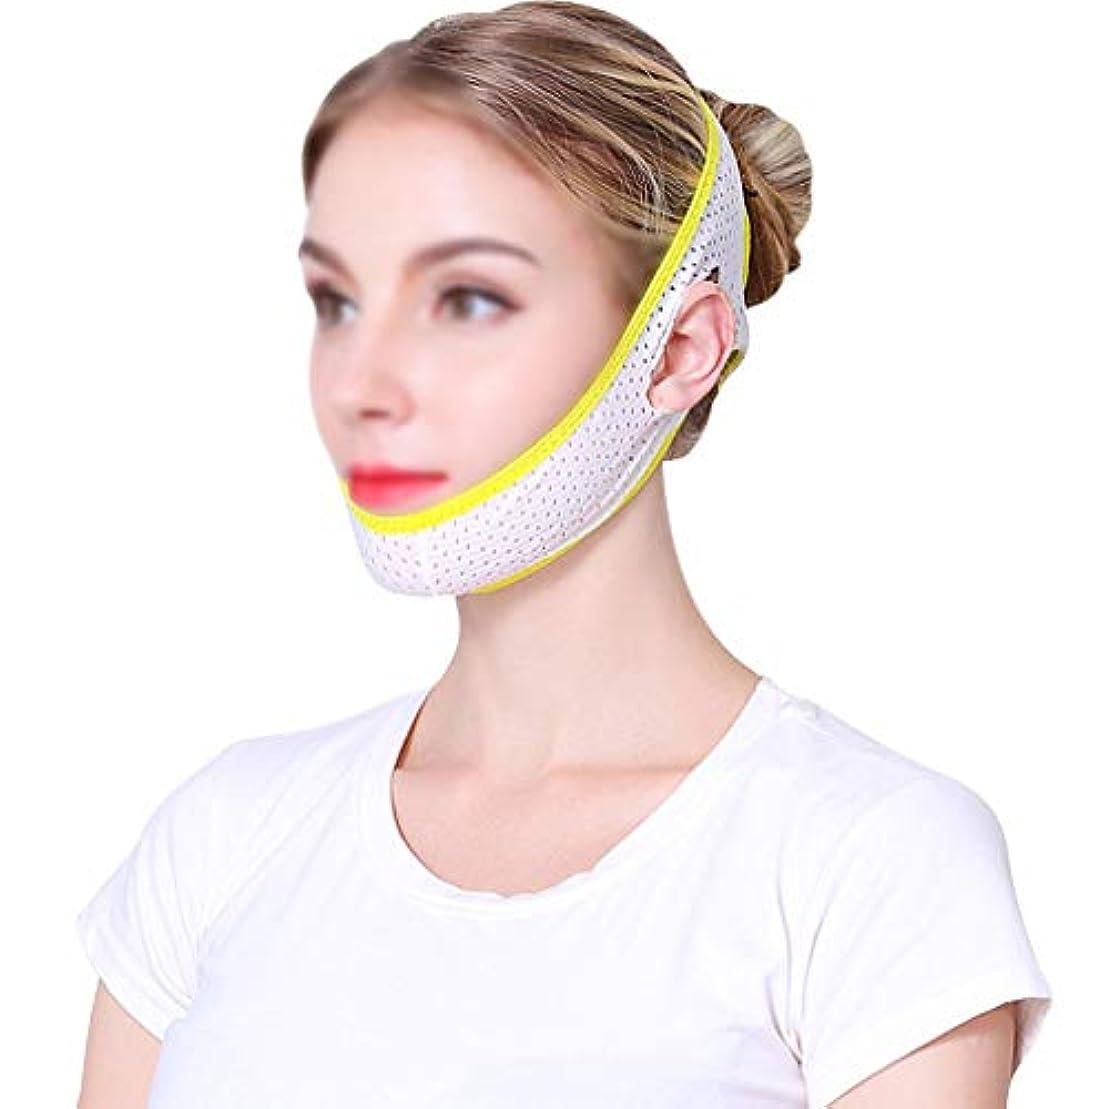 広範囲にスポットオリエンテーションGLJJQMY フェイスリフティング包帯は、顔面用包帯を持ち上げて引き締め、小さなあごを作り、二重あごを改善します。 顔用整形マスク